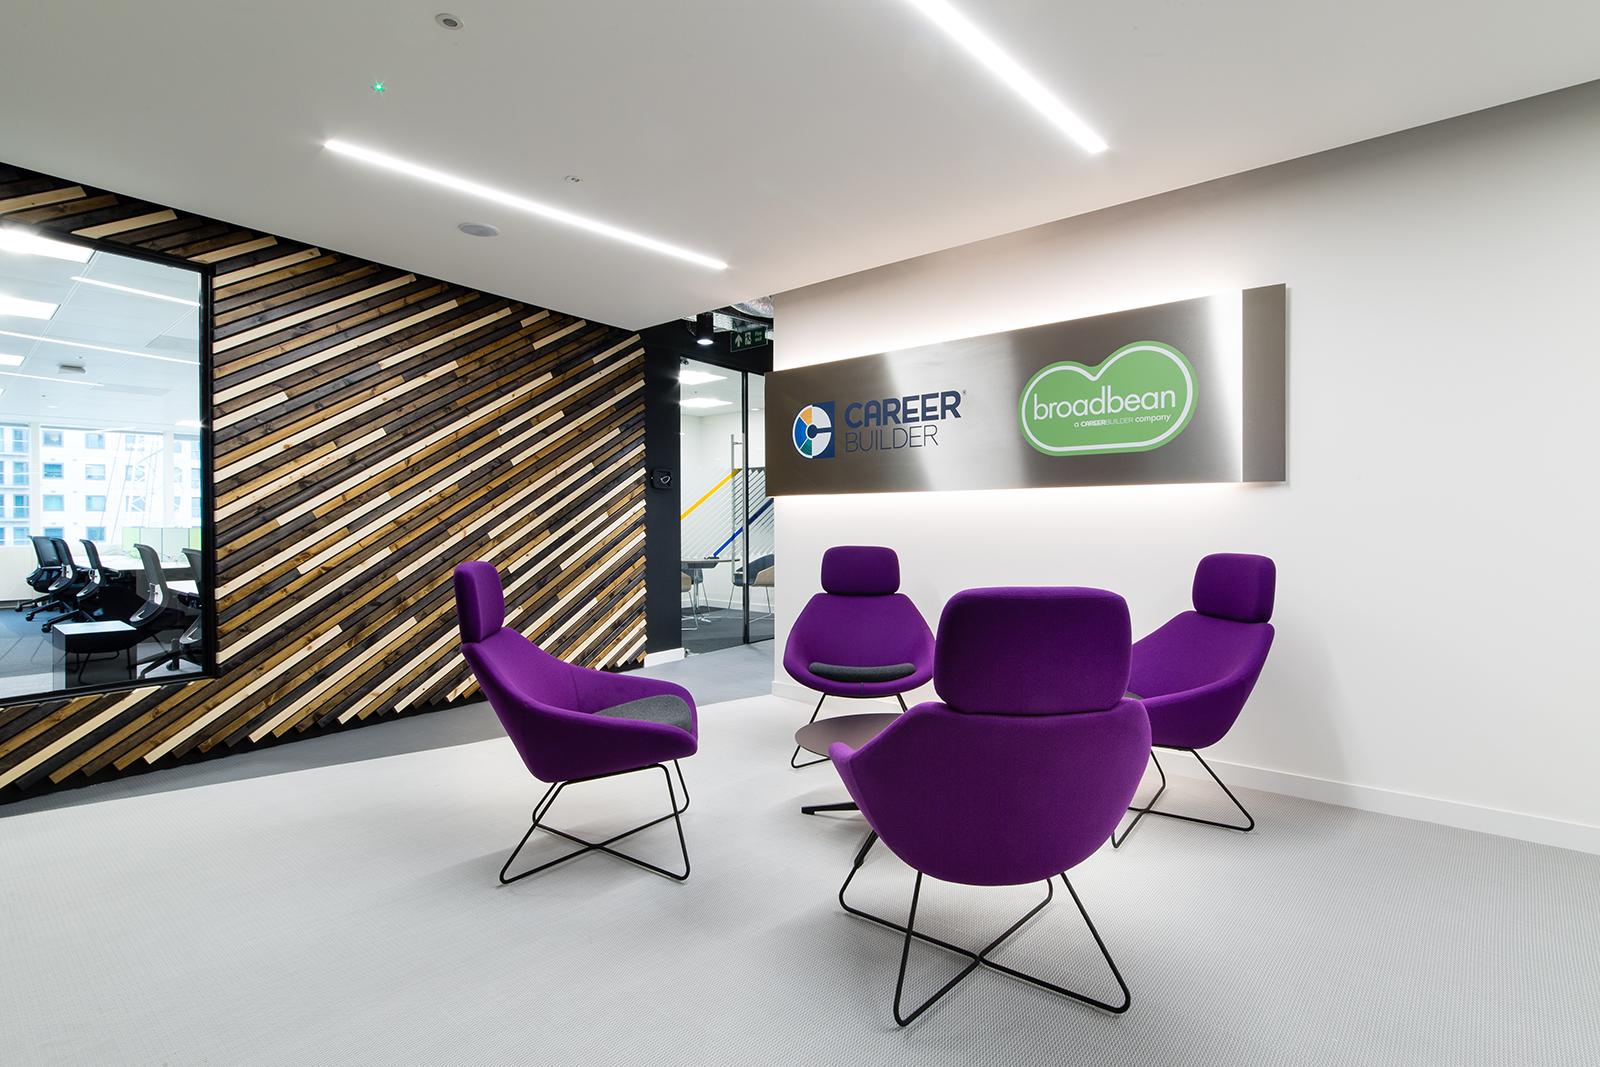 career-builder-london-4 - Officelovin\'